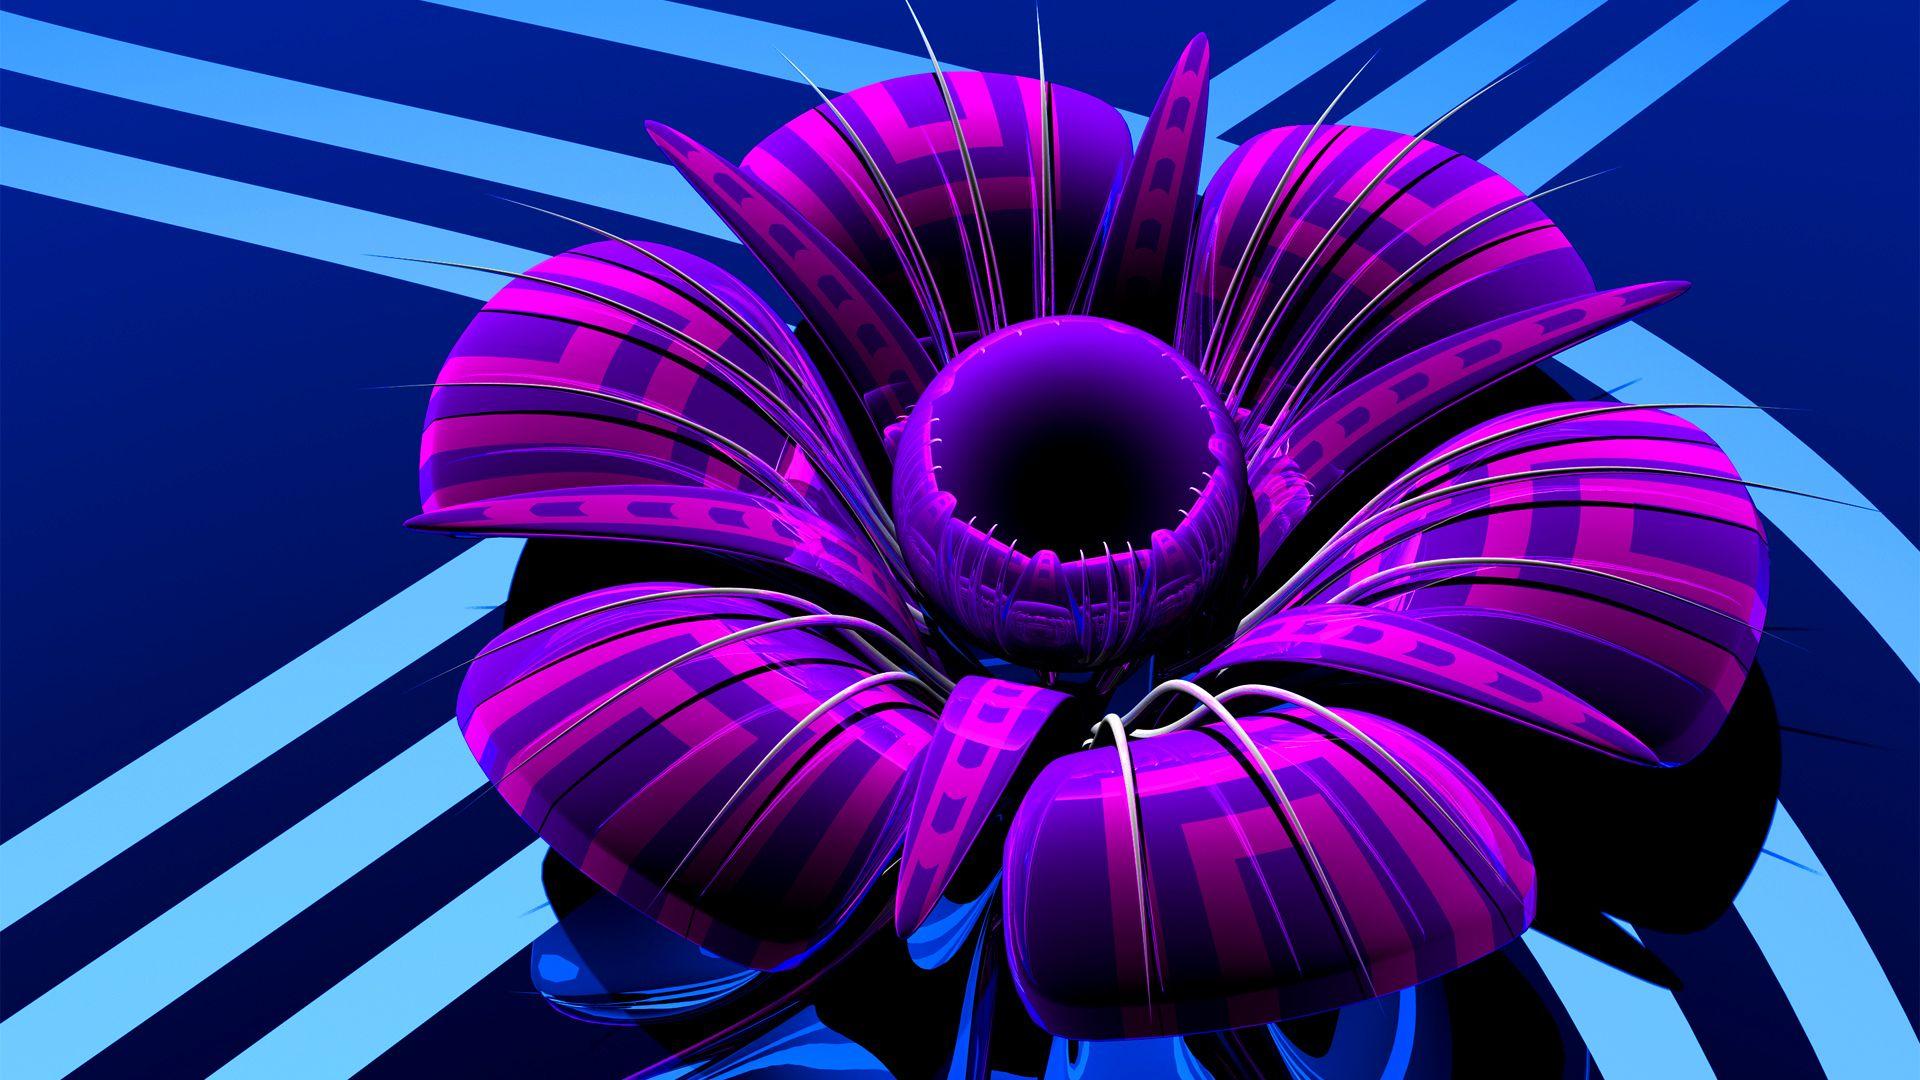 3d Glass Flower Widescreen Hd Wallpapers Download